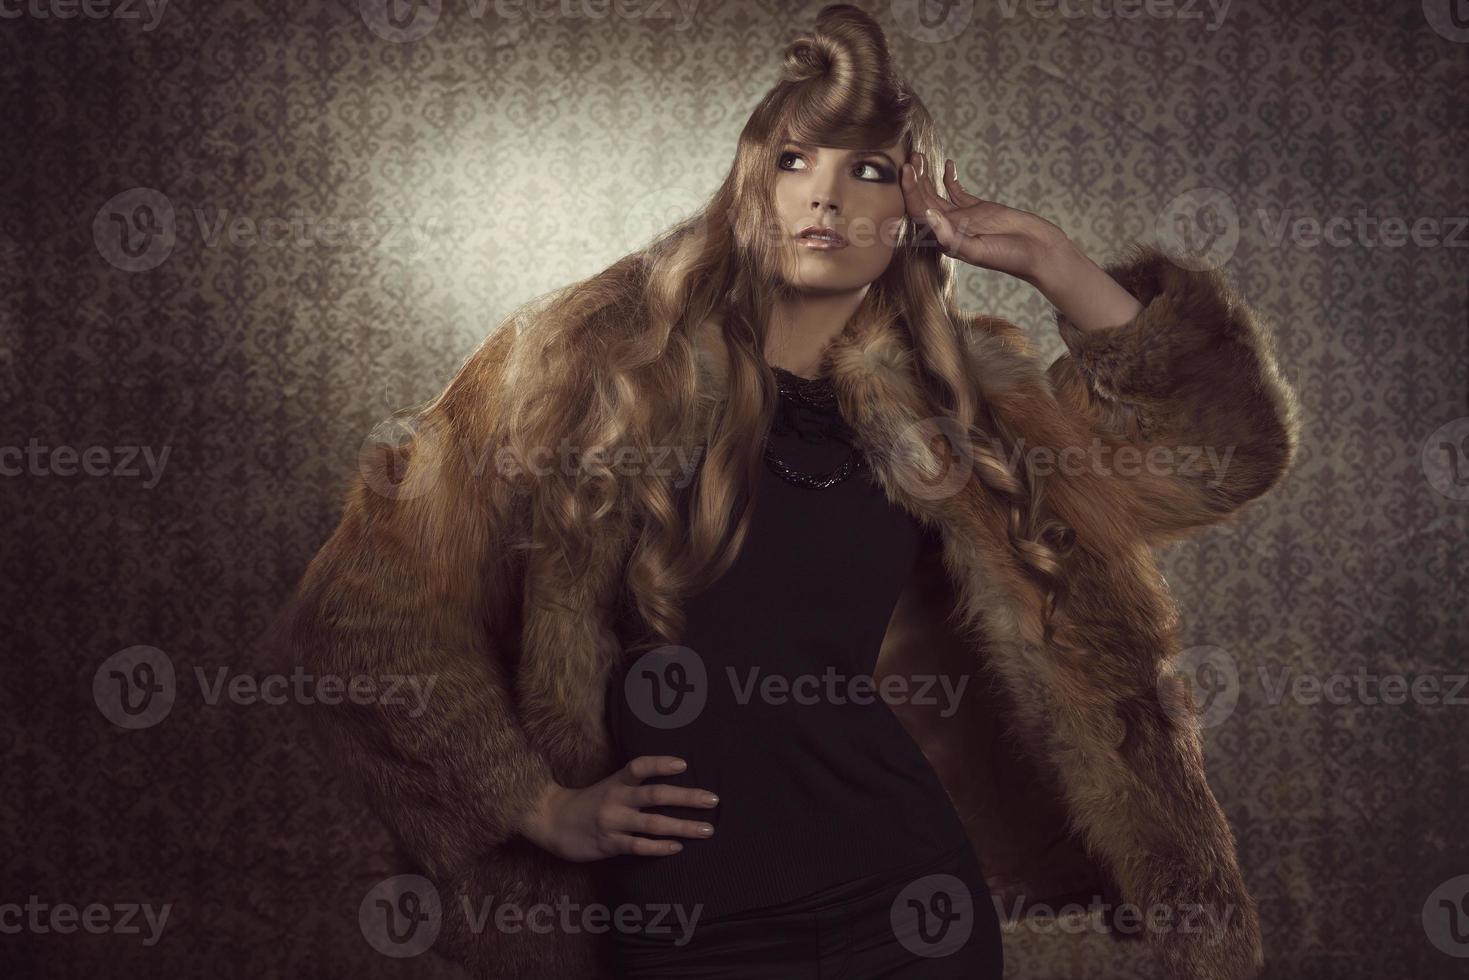 menina loira com estilo de moda inverno foto